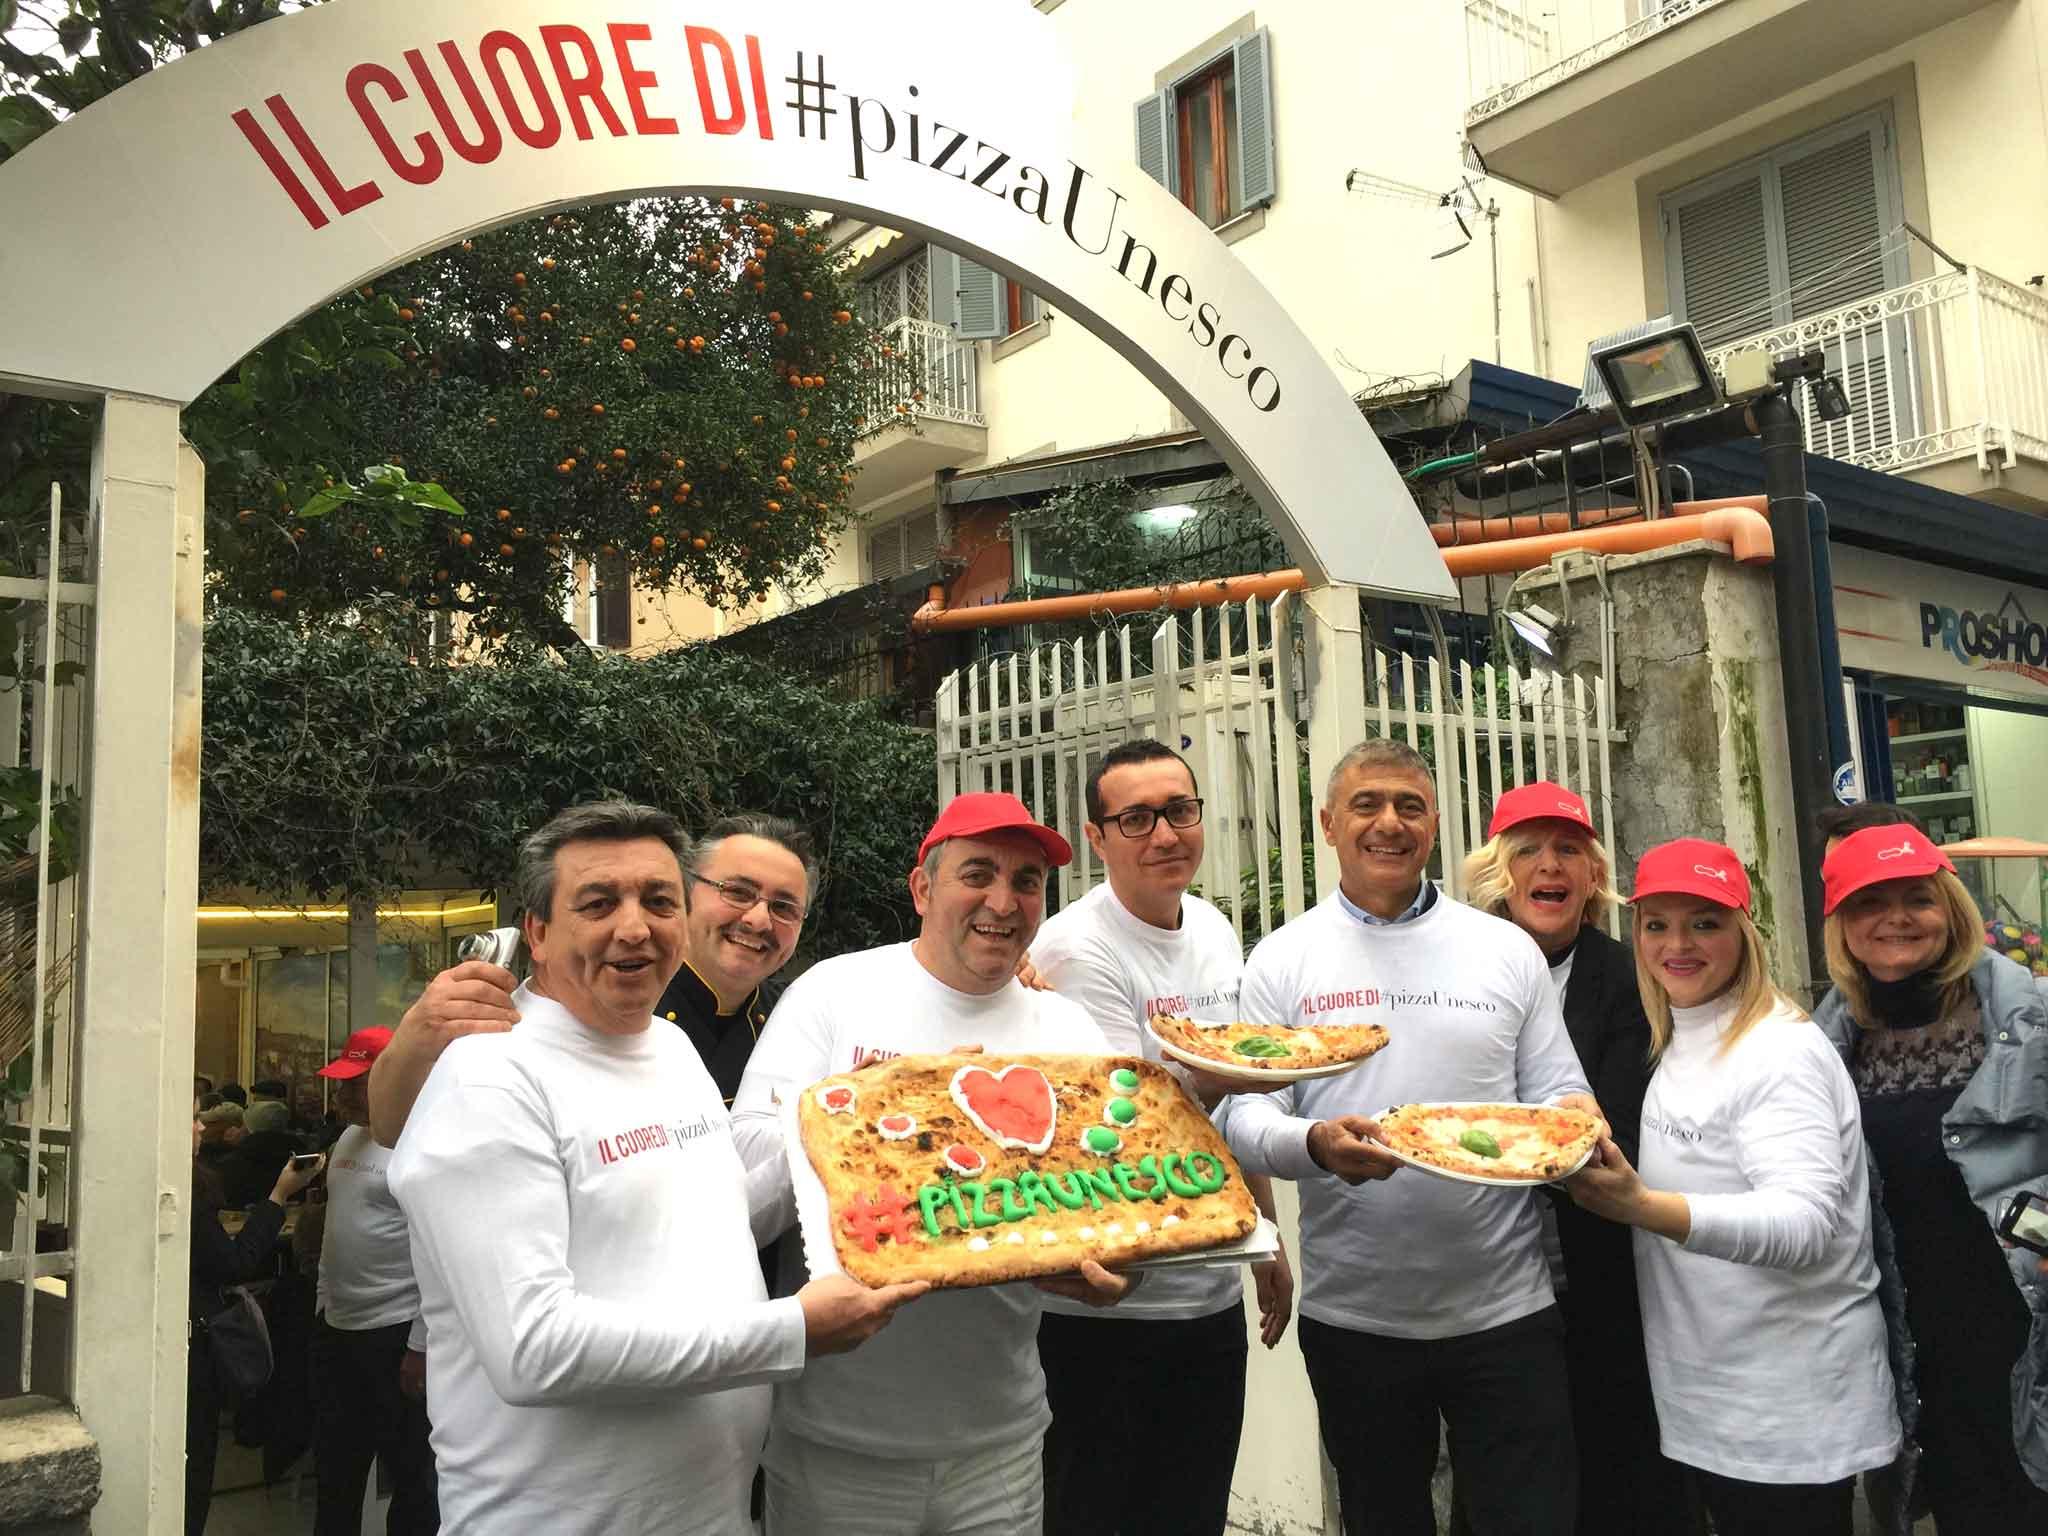 il cuore di #pizzaunesco